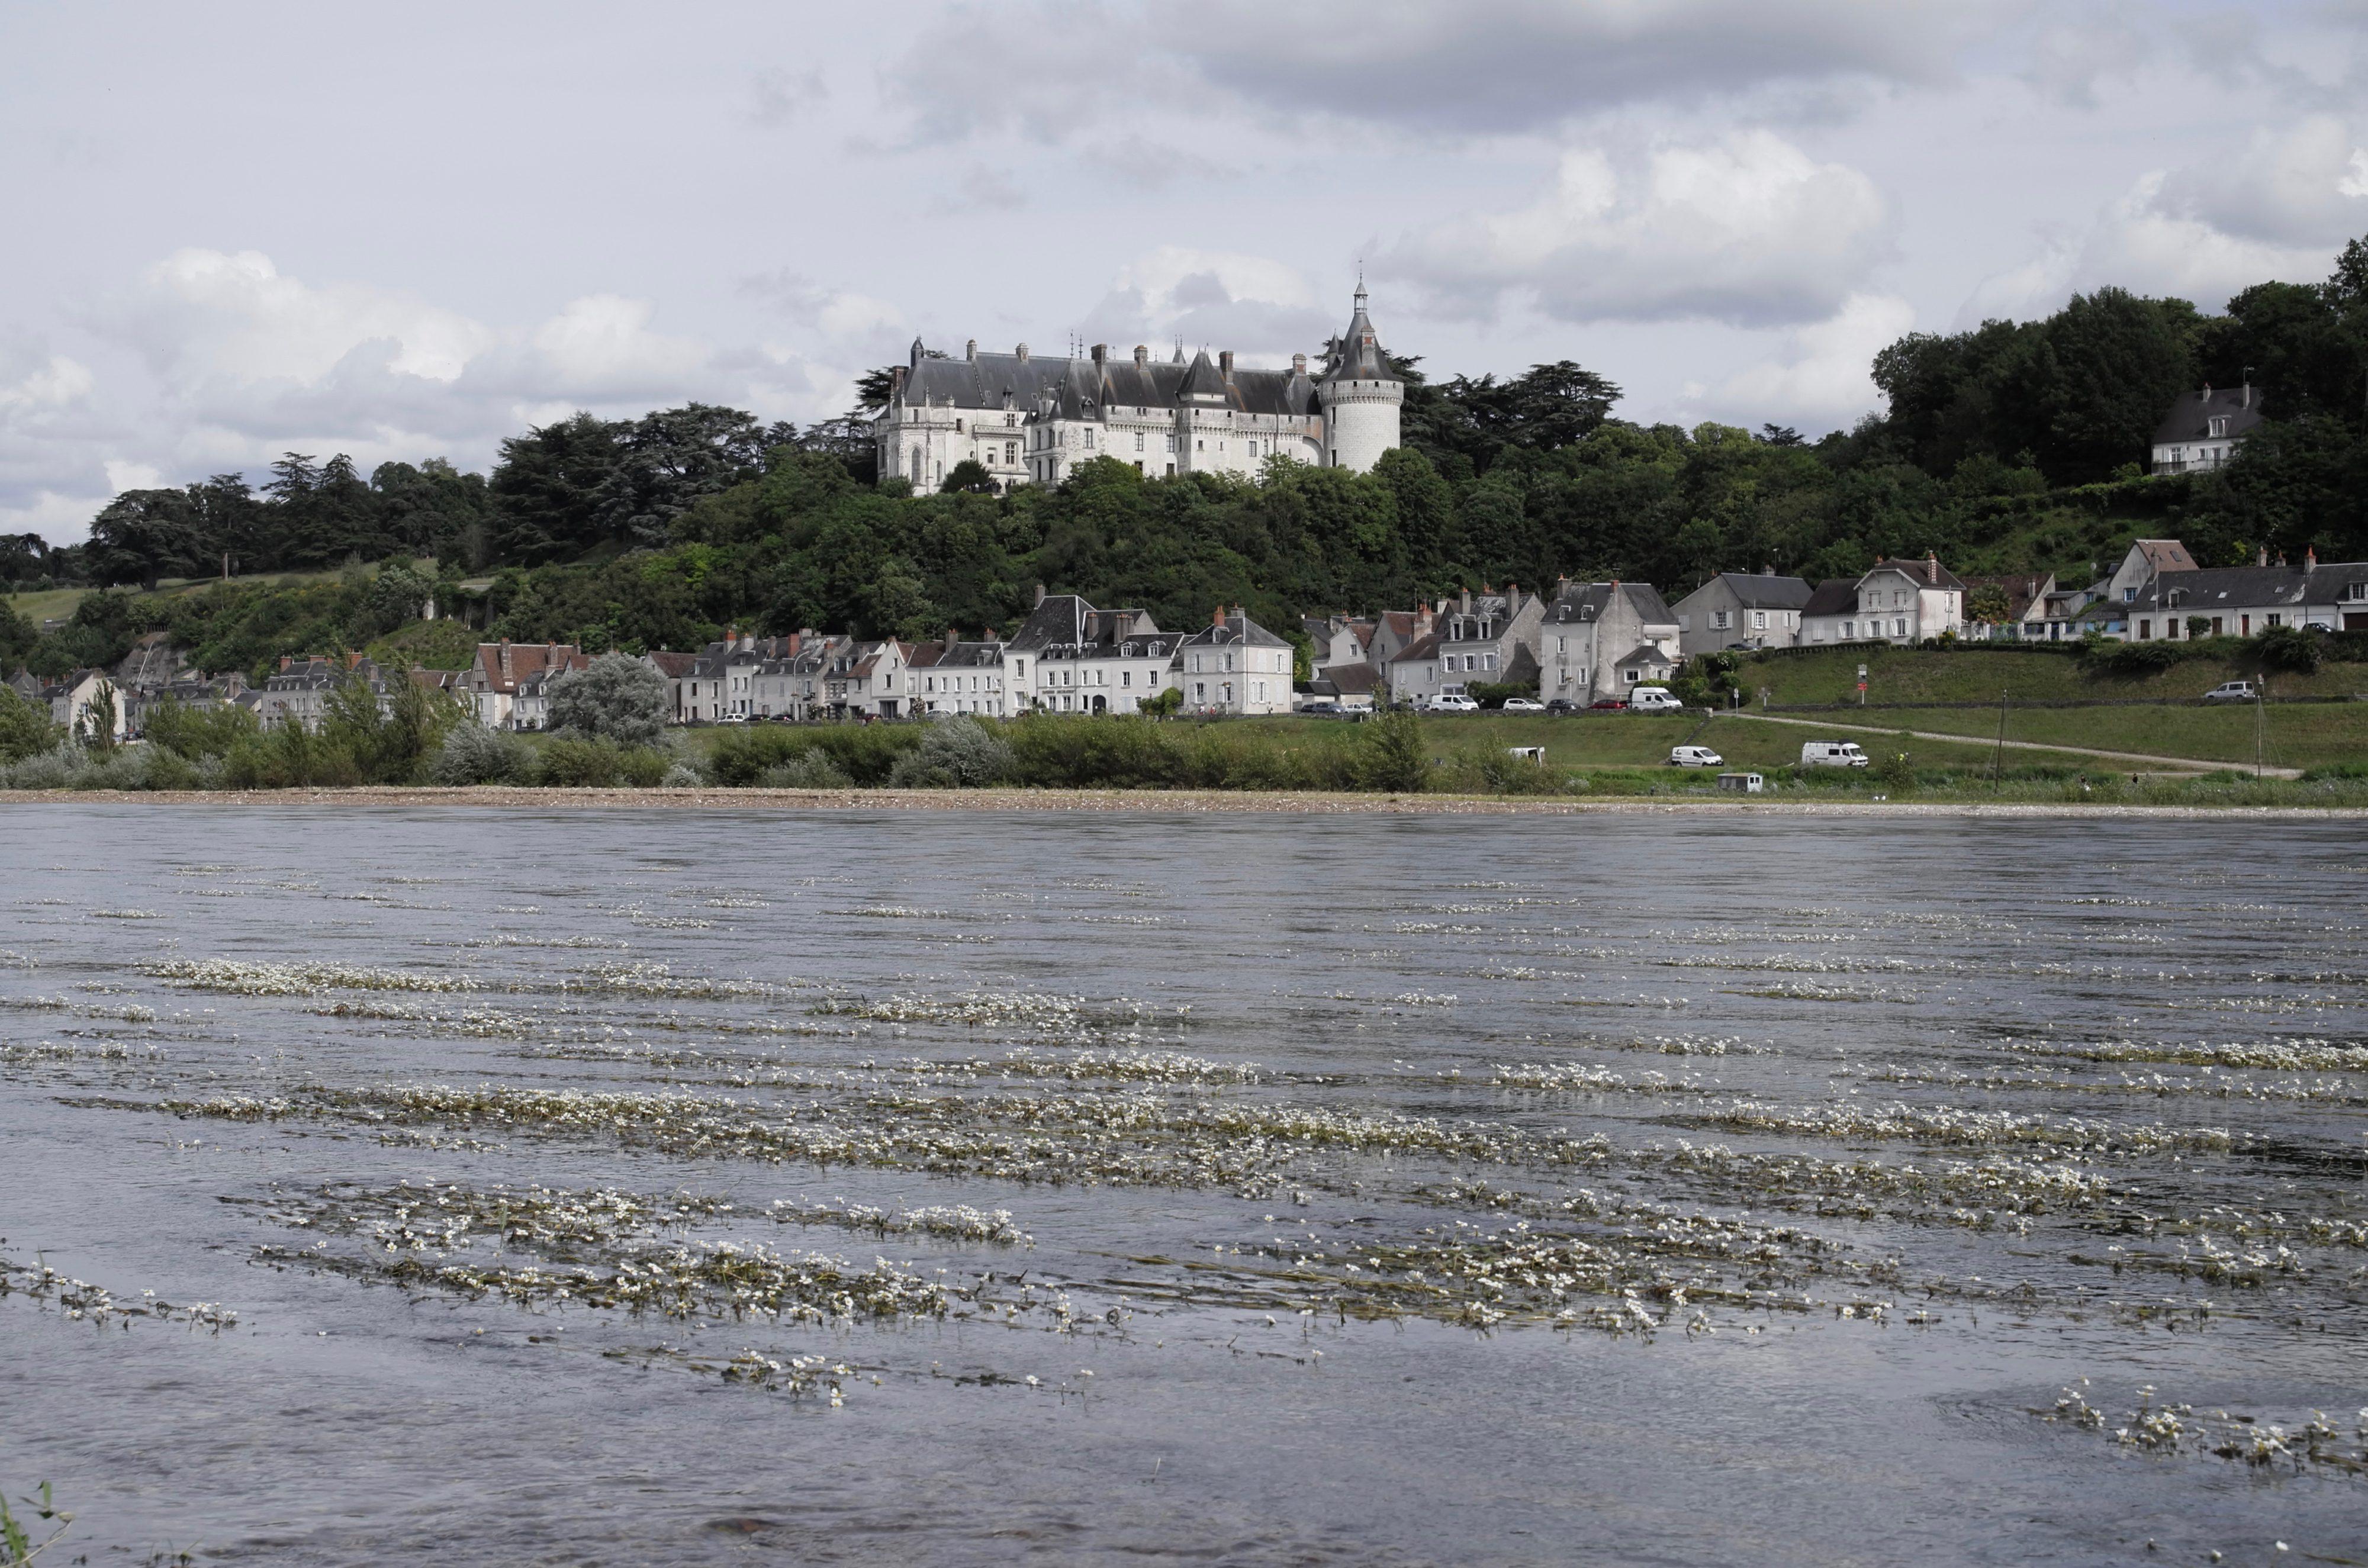 Chaumont von der anderen Loire-Seite